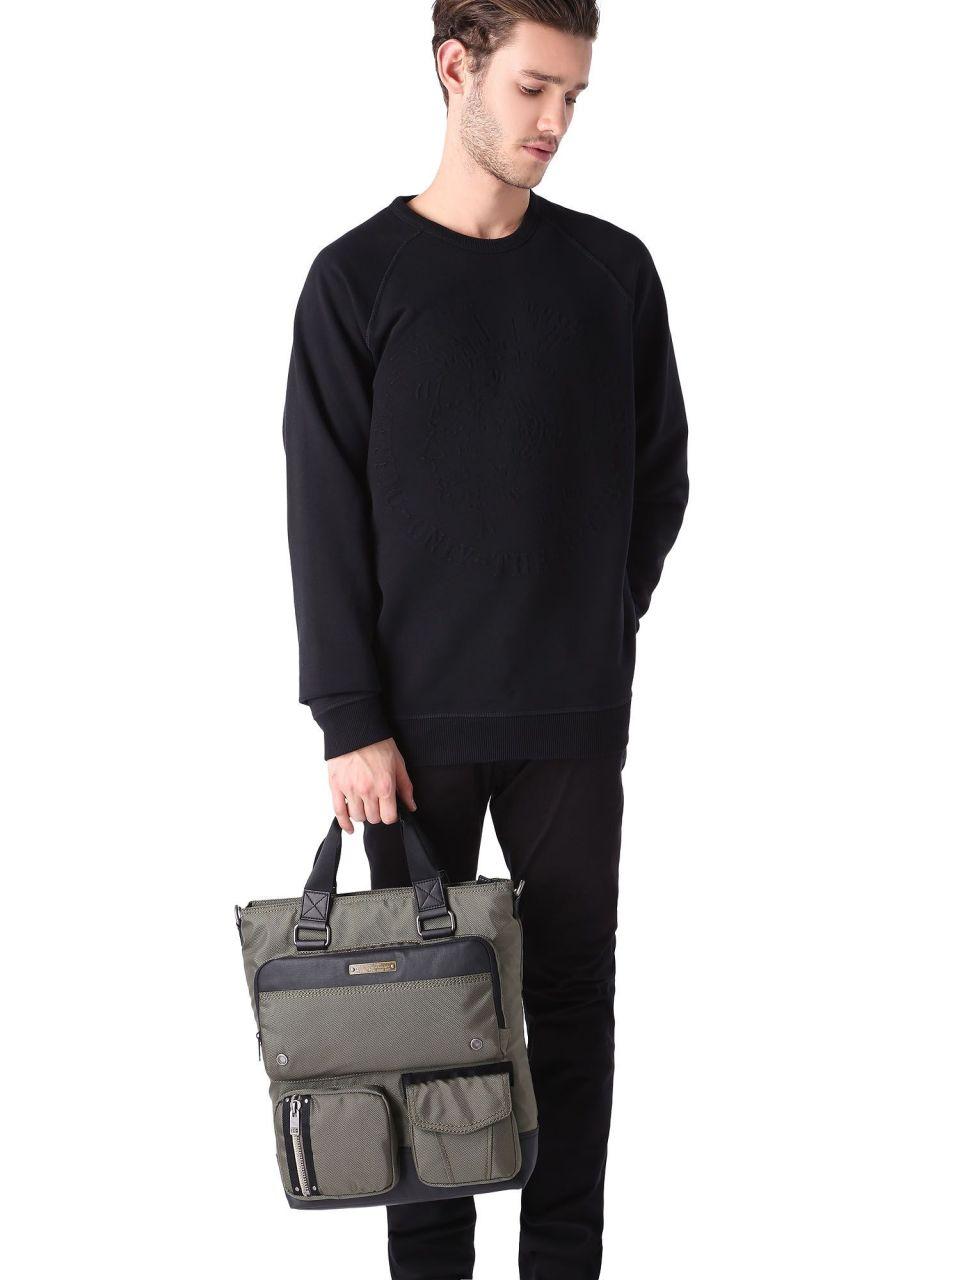 スタイリッシュで機能的な「ディーセルのメンズバッグ」:5つのタイプ別人気バッグ 5番目の画像